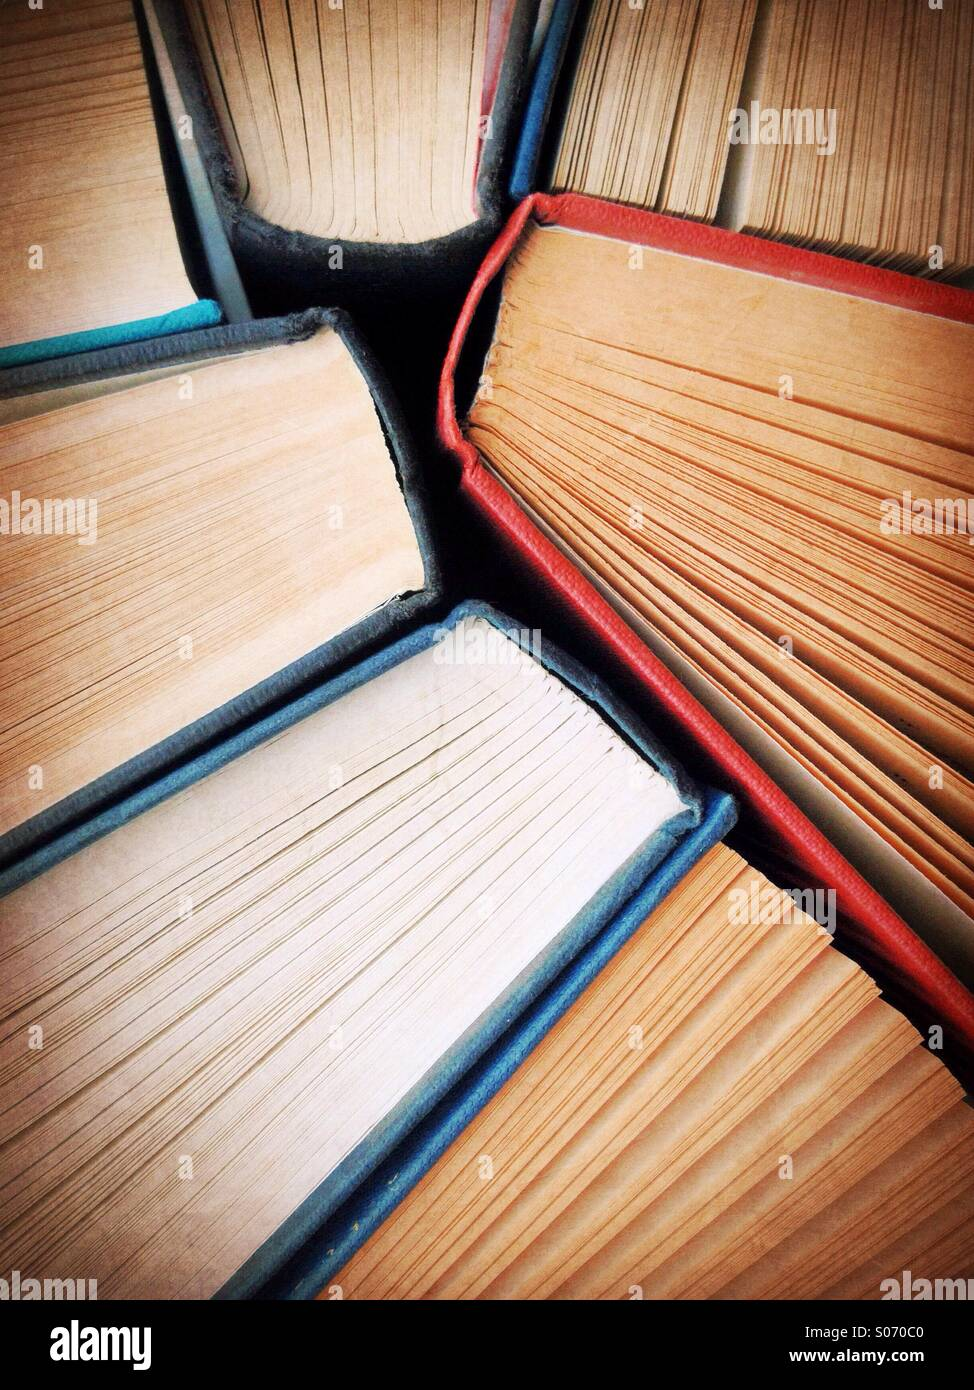 Viejos libros de tapa dura desde arriba con gran angular. Hechas con una cámara del smartphone Imagen De Stock